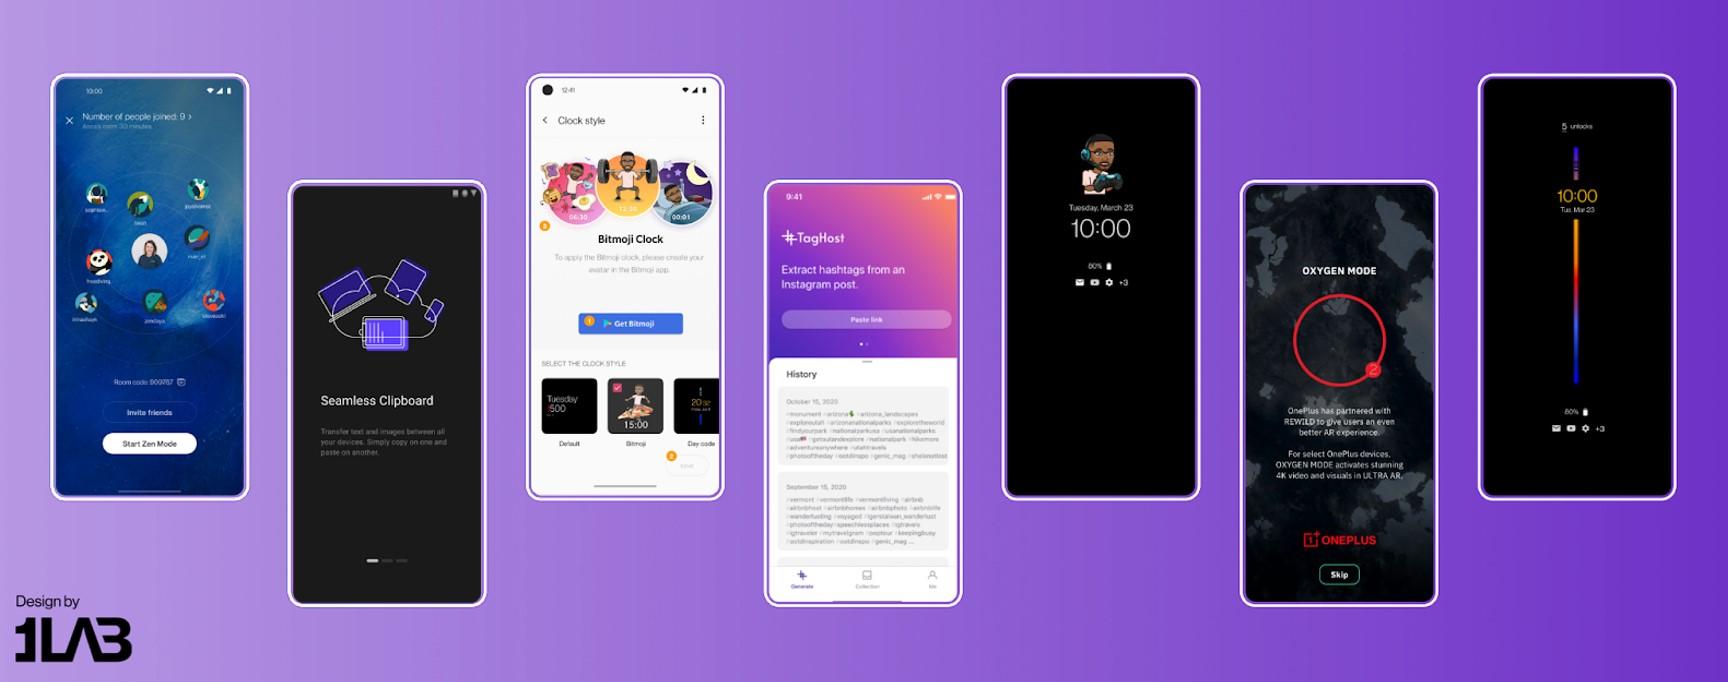 OneLab Apps on OnePlus Phones